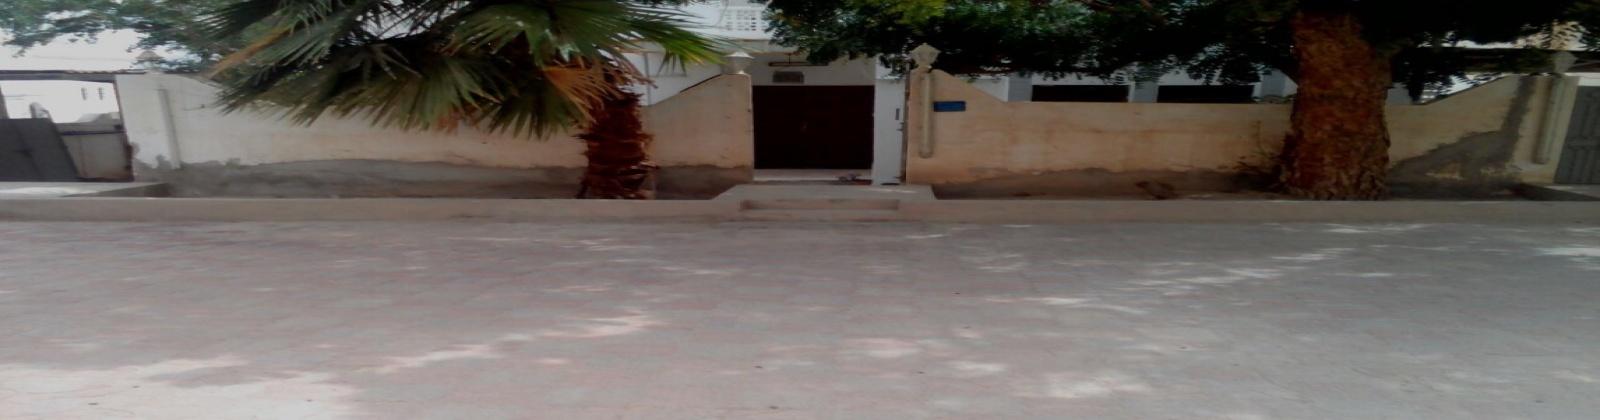 Muscat,3 Bedrooms Bedrooms,3 BathroomsBathrooms,Apartment,FAM-3,2,1015